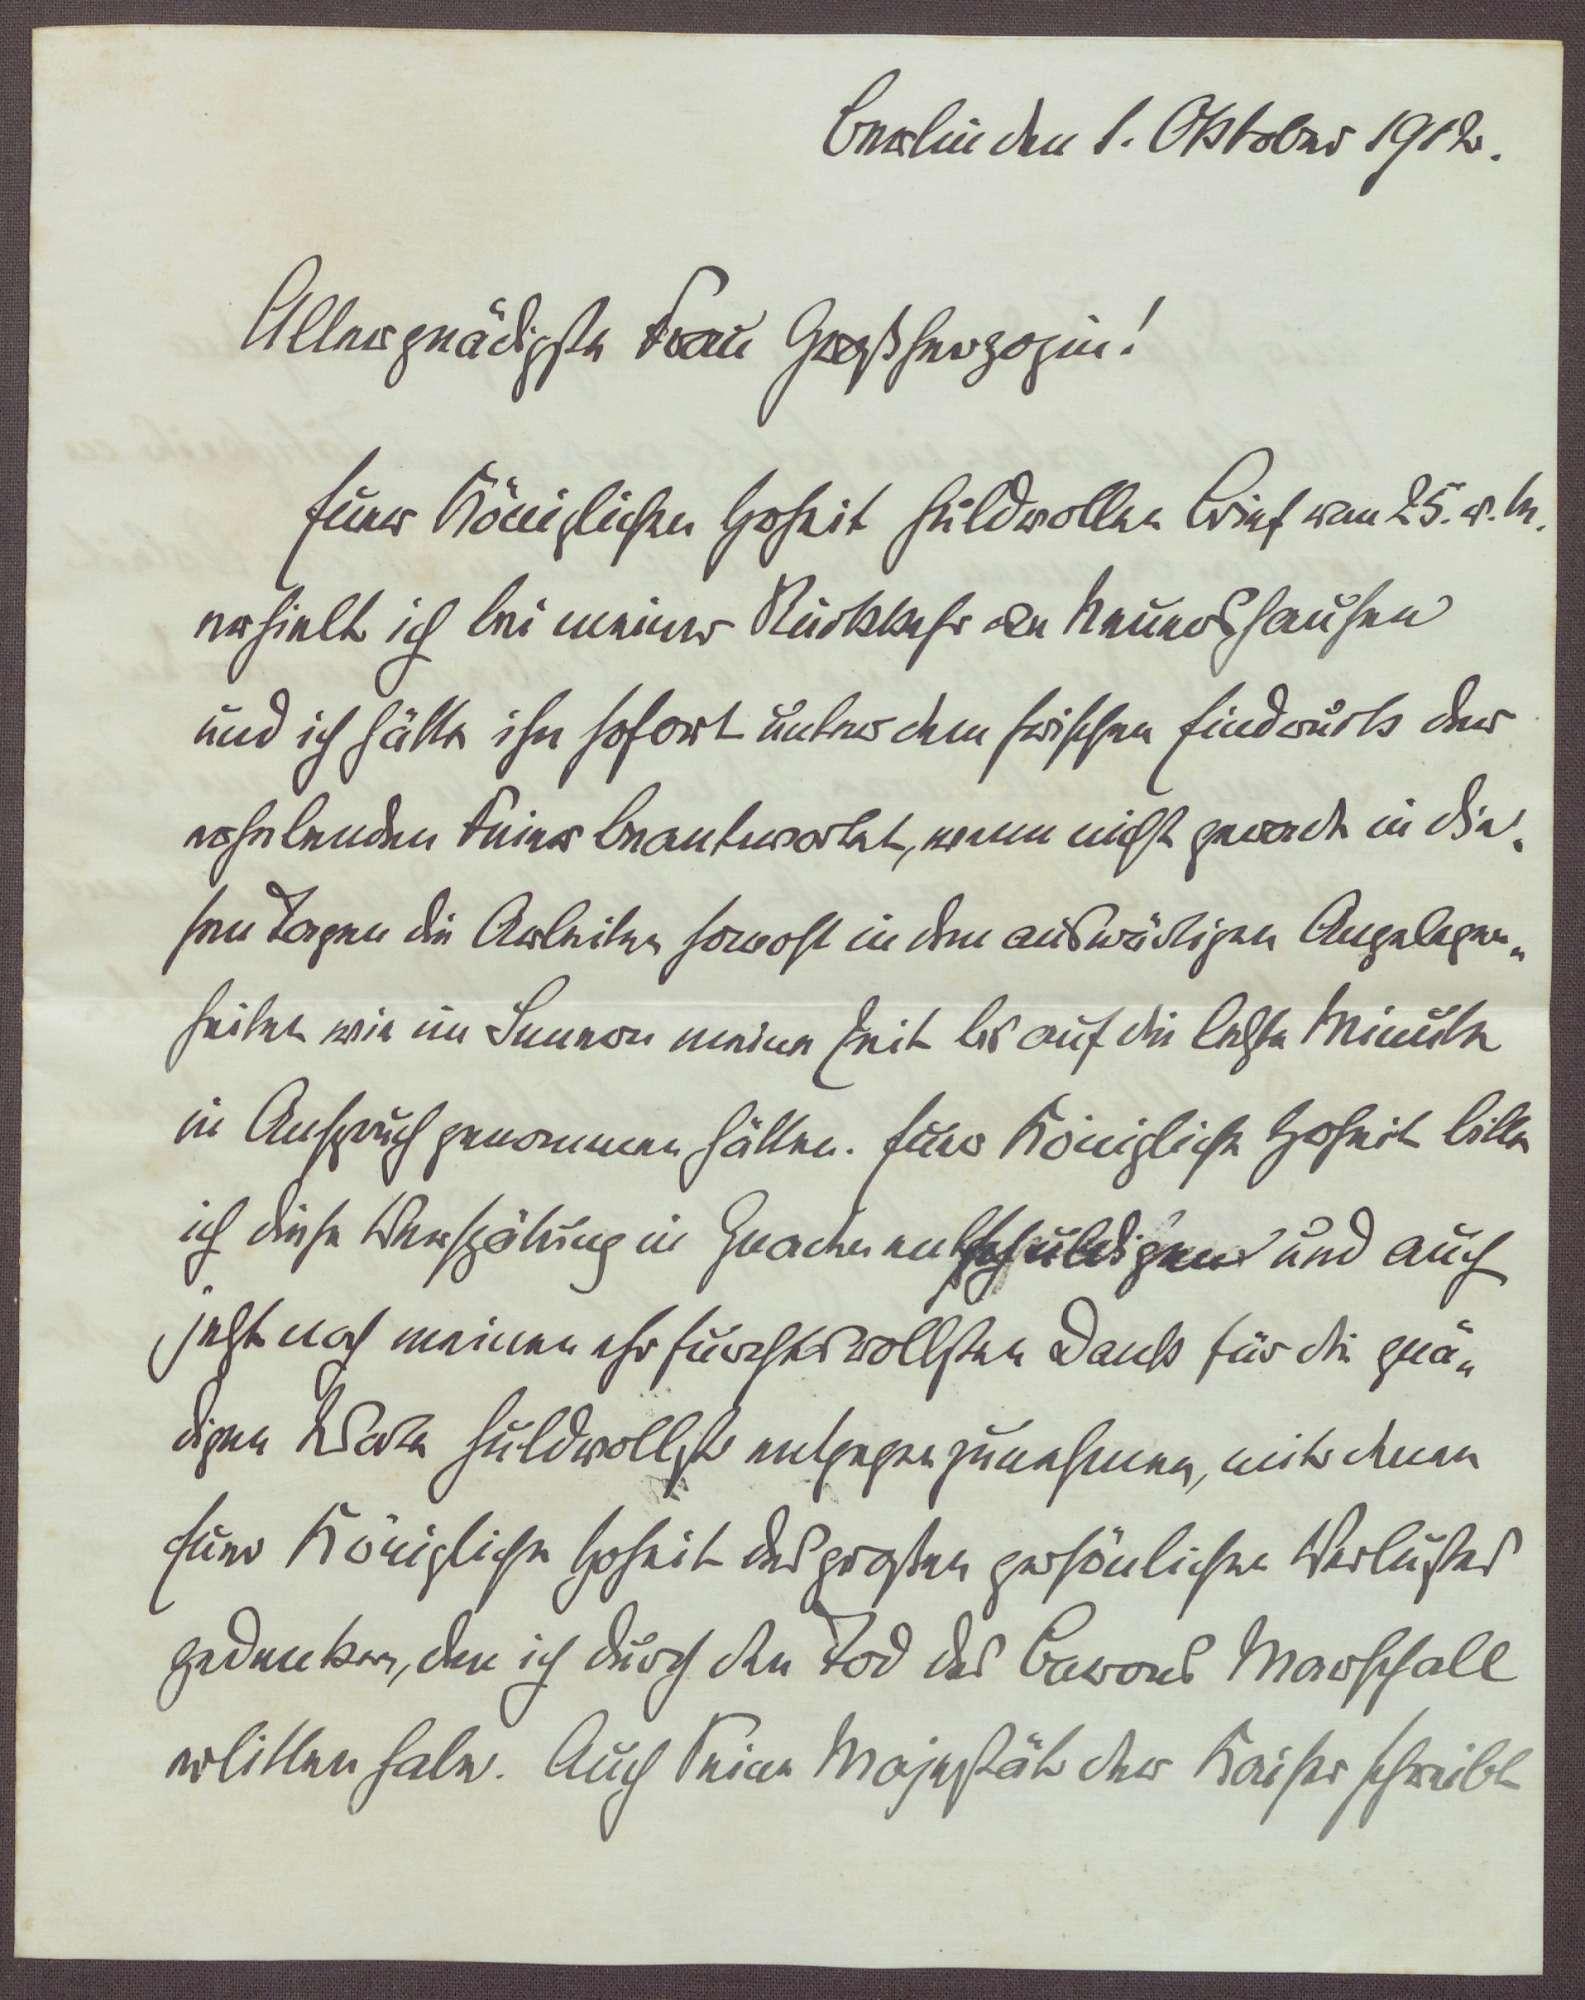 Schreiben von Theobald von Bethmann Hollweg an die Großherzogin Luise; Tod von Adolf Marschall von Biberstein, Bild 1